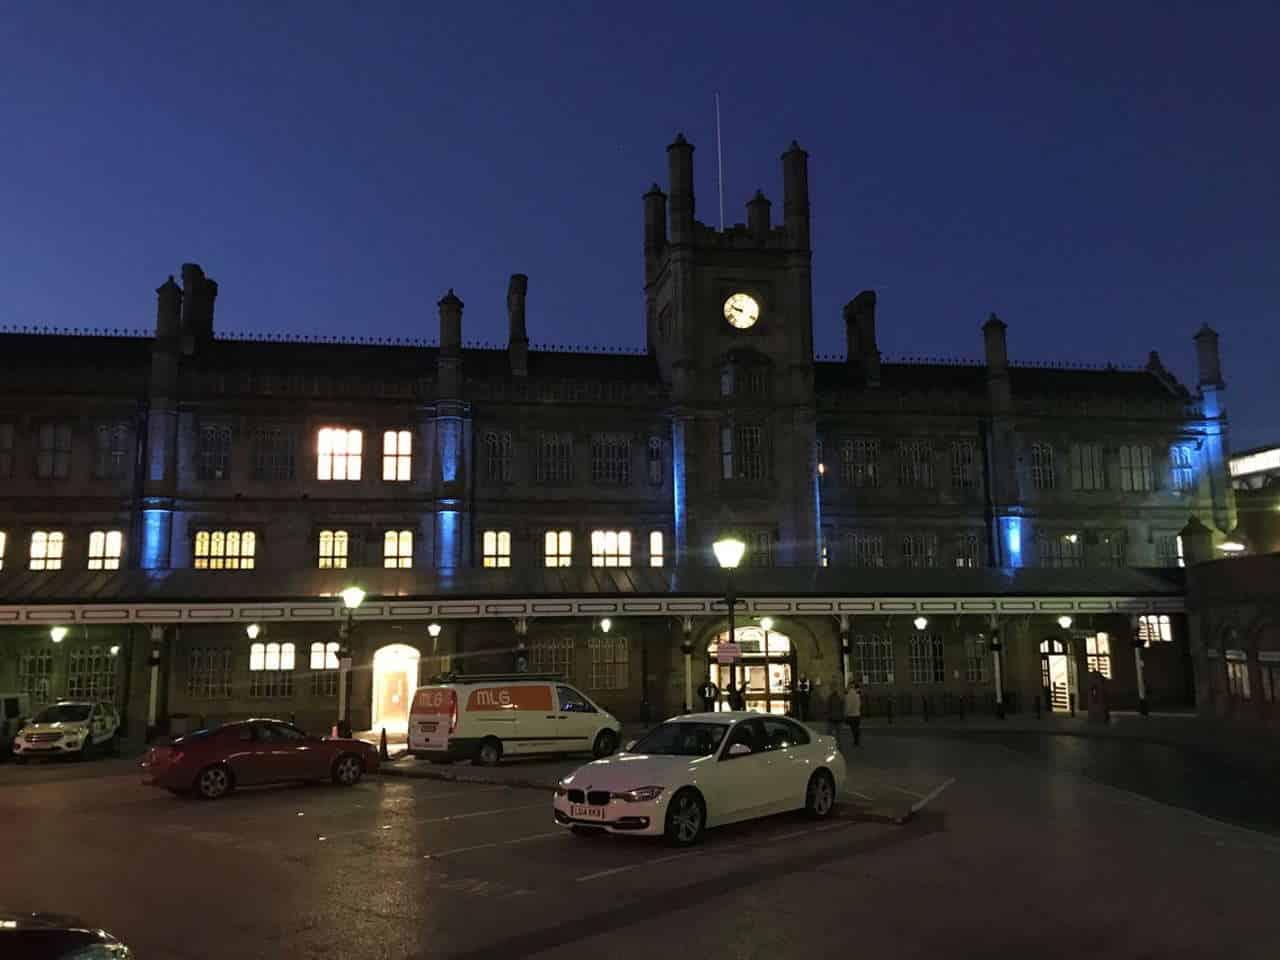 shresbury station in blue